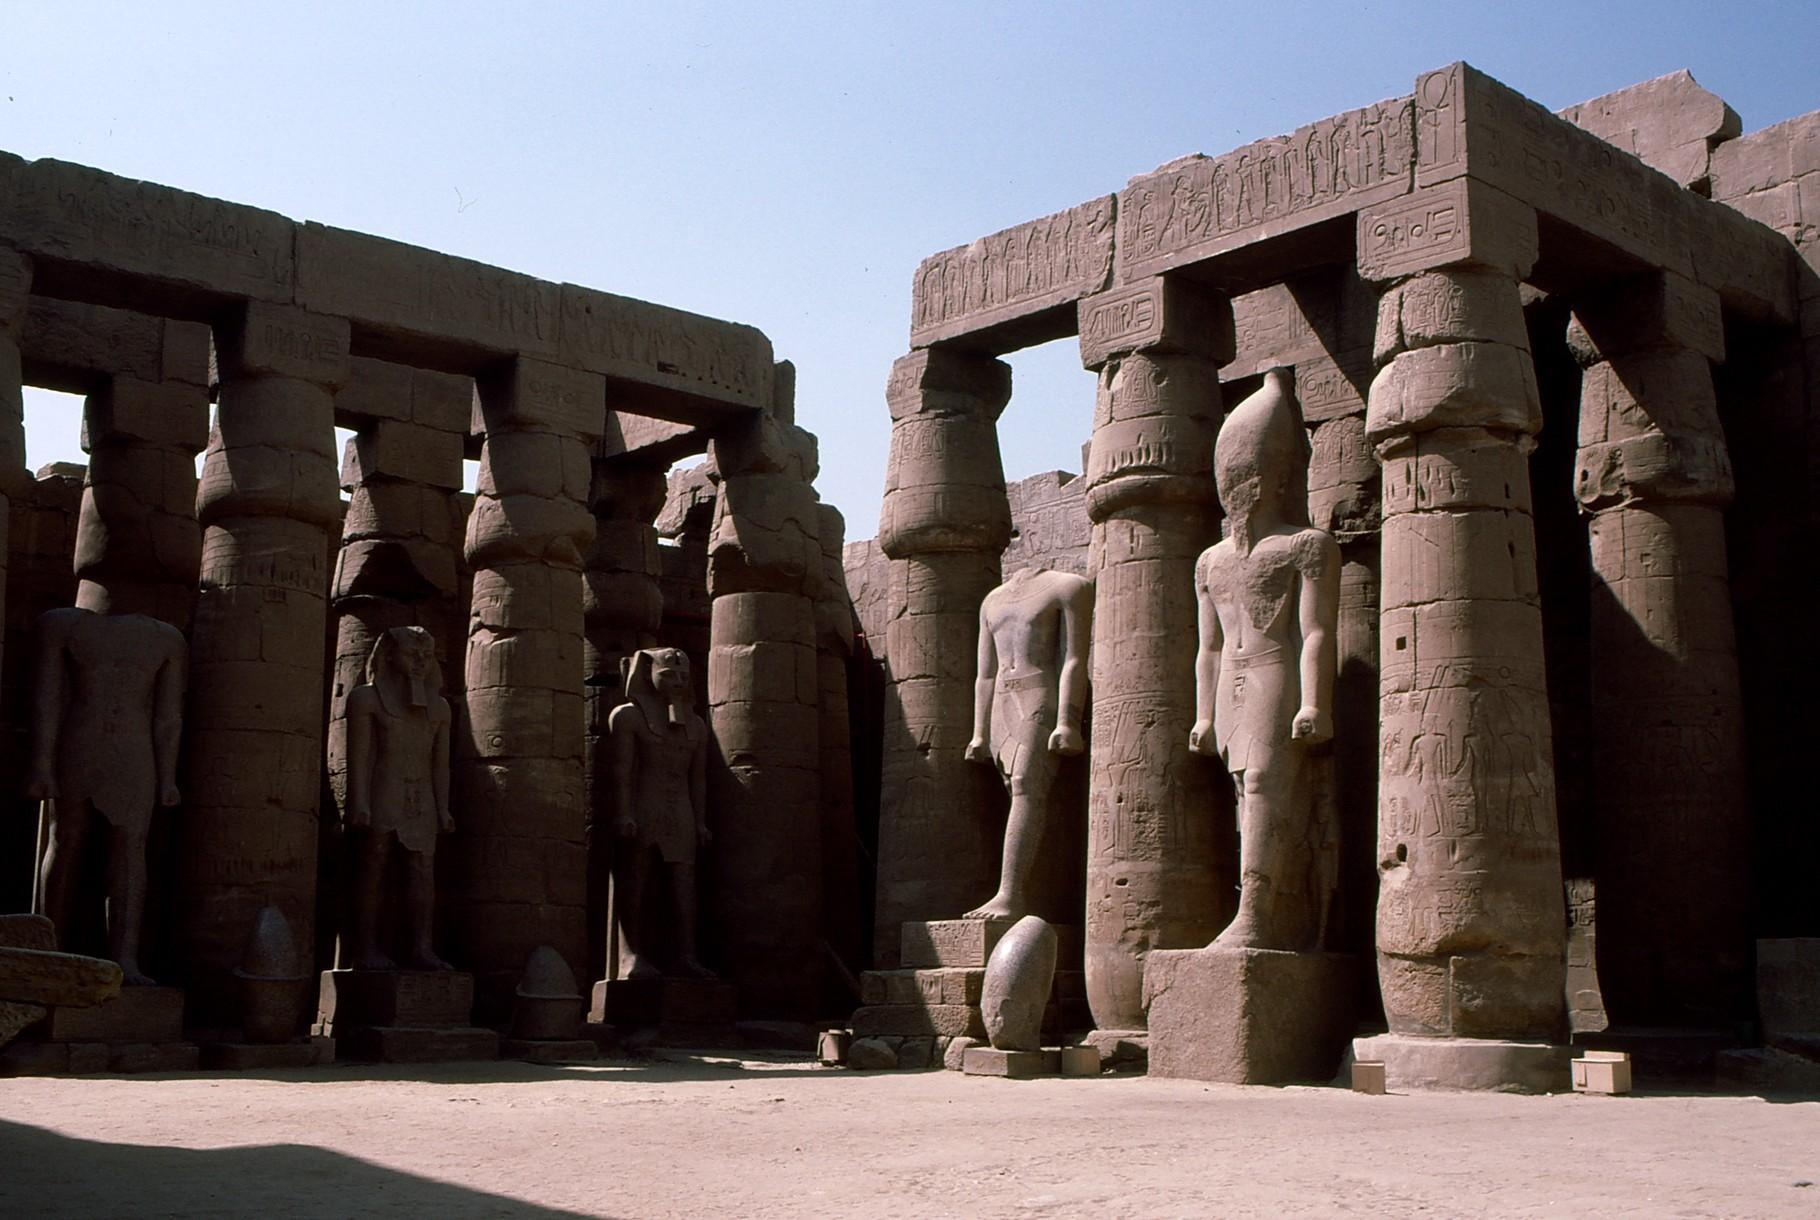 柱間の立像の姿勢に注目